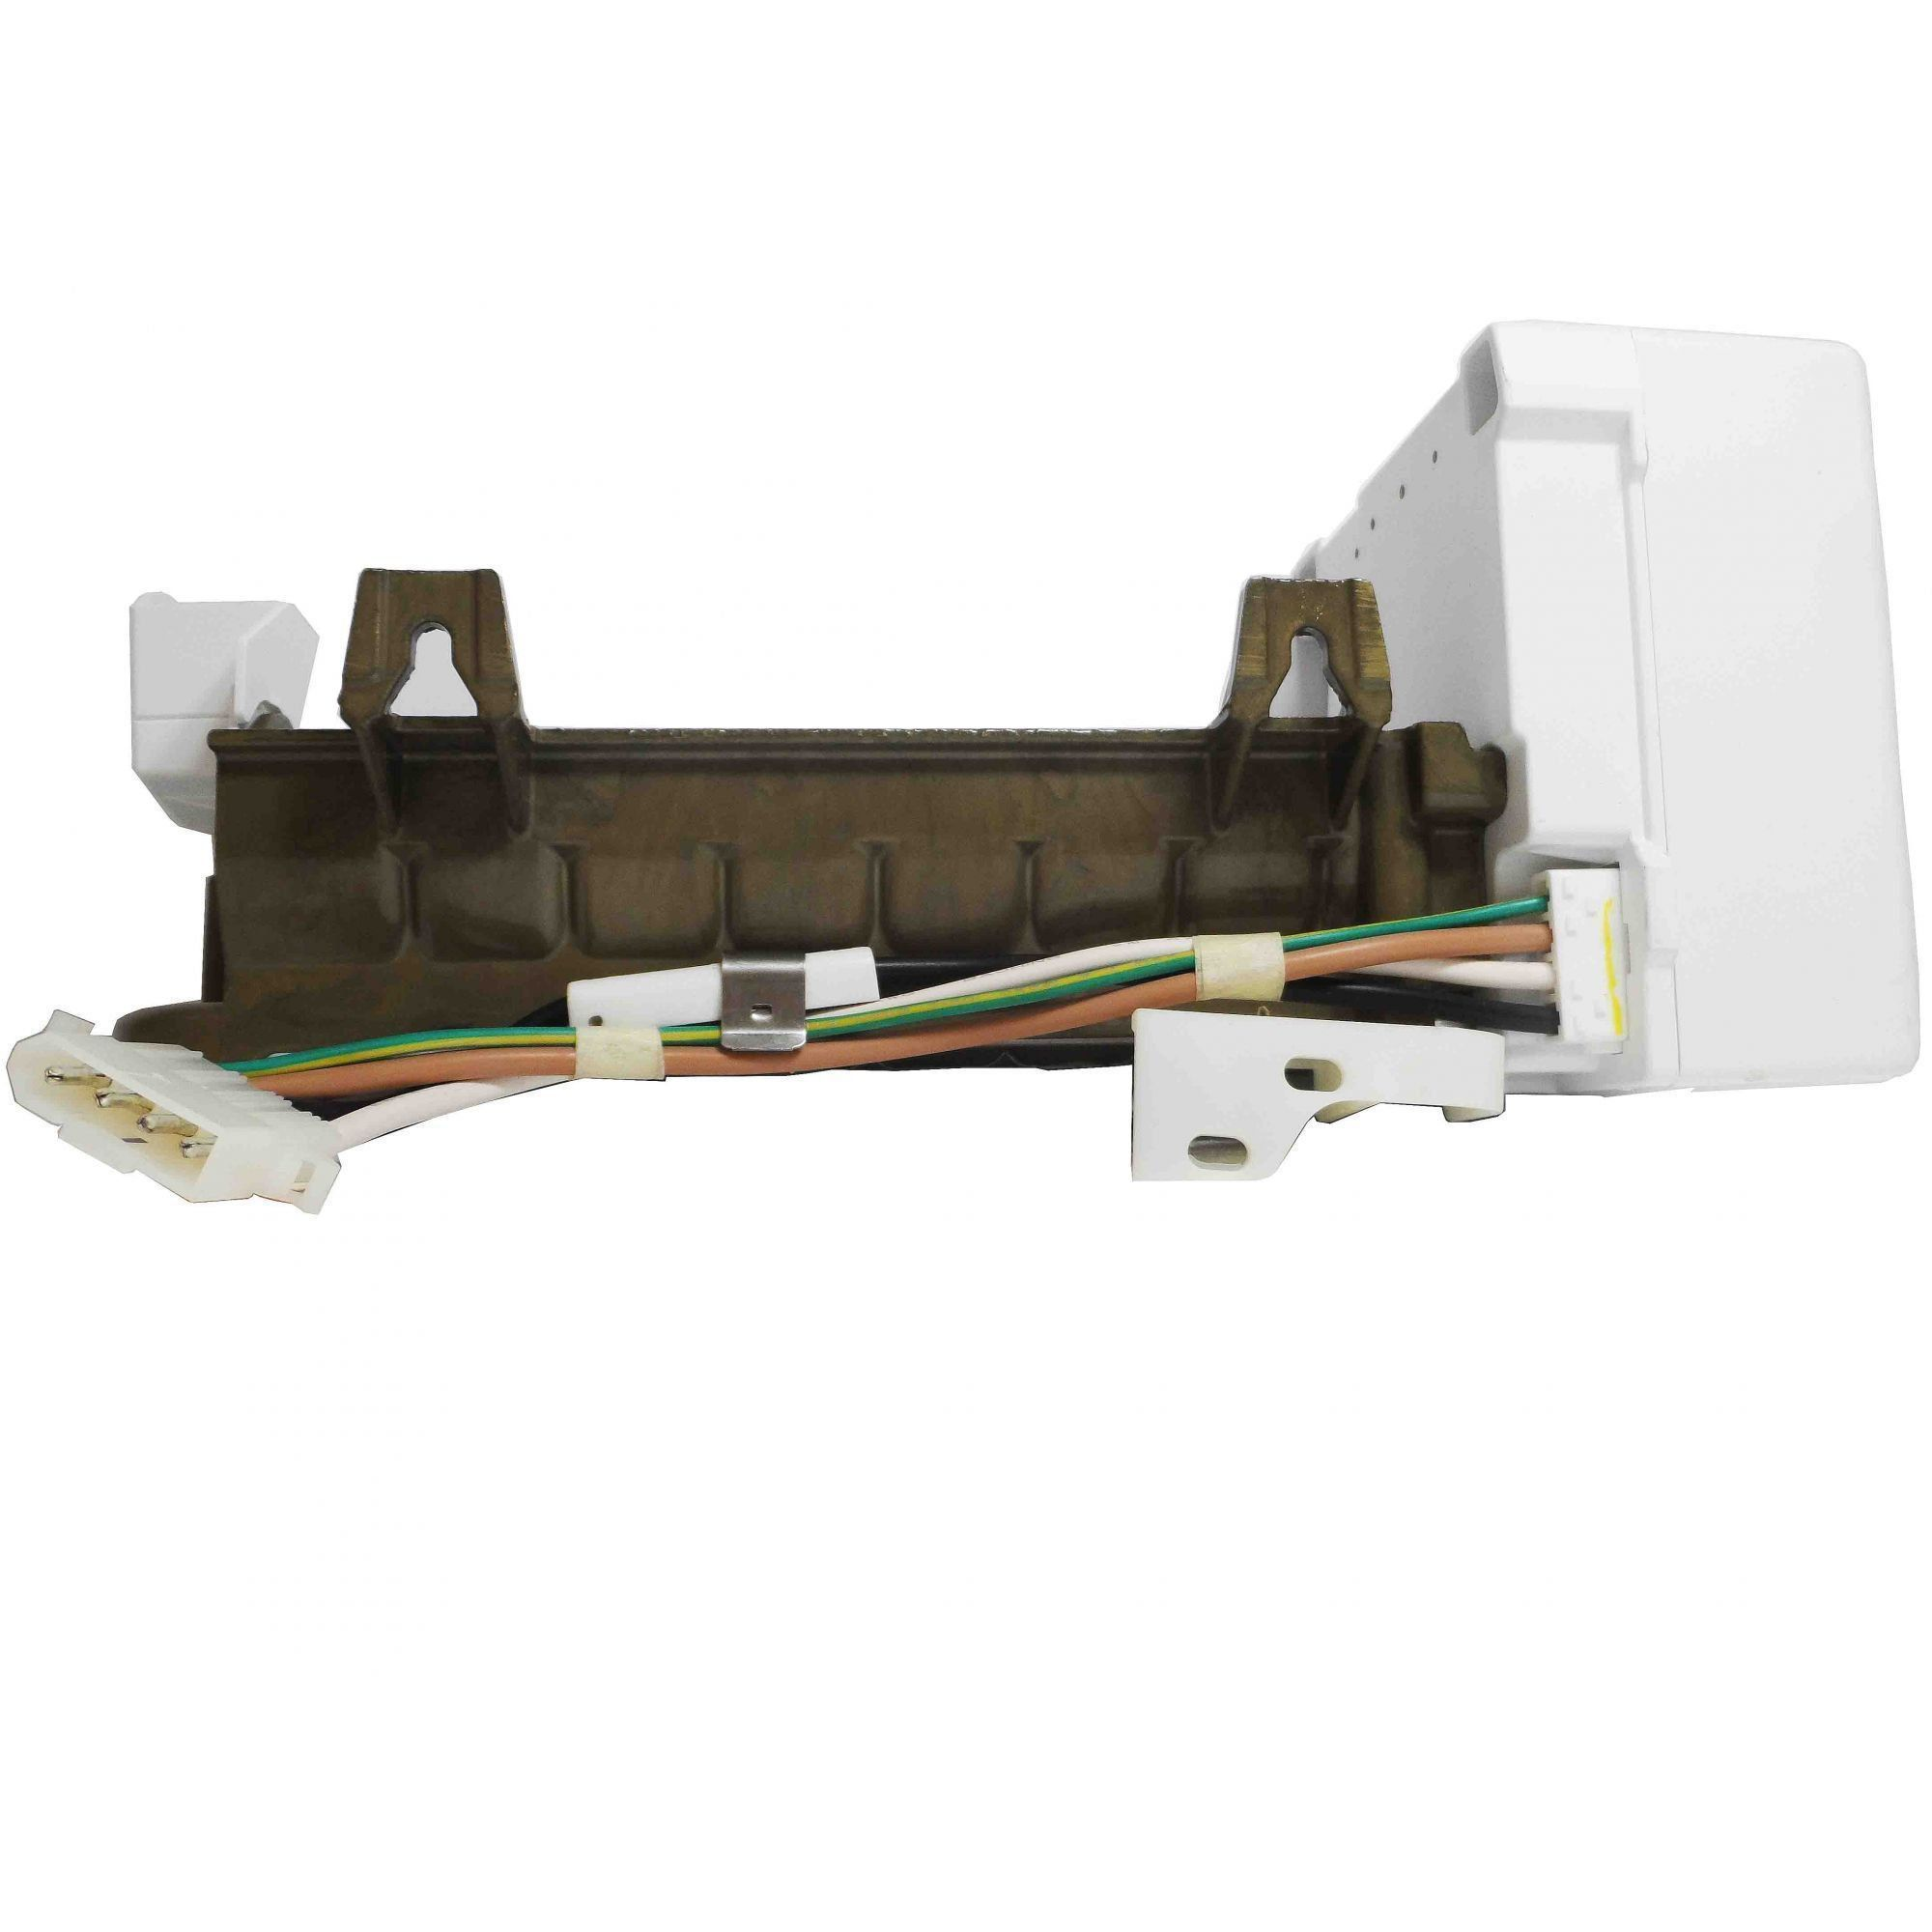 Conjunto Ice Maker Refrigerador Brastemp 127V 326072470